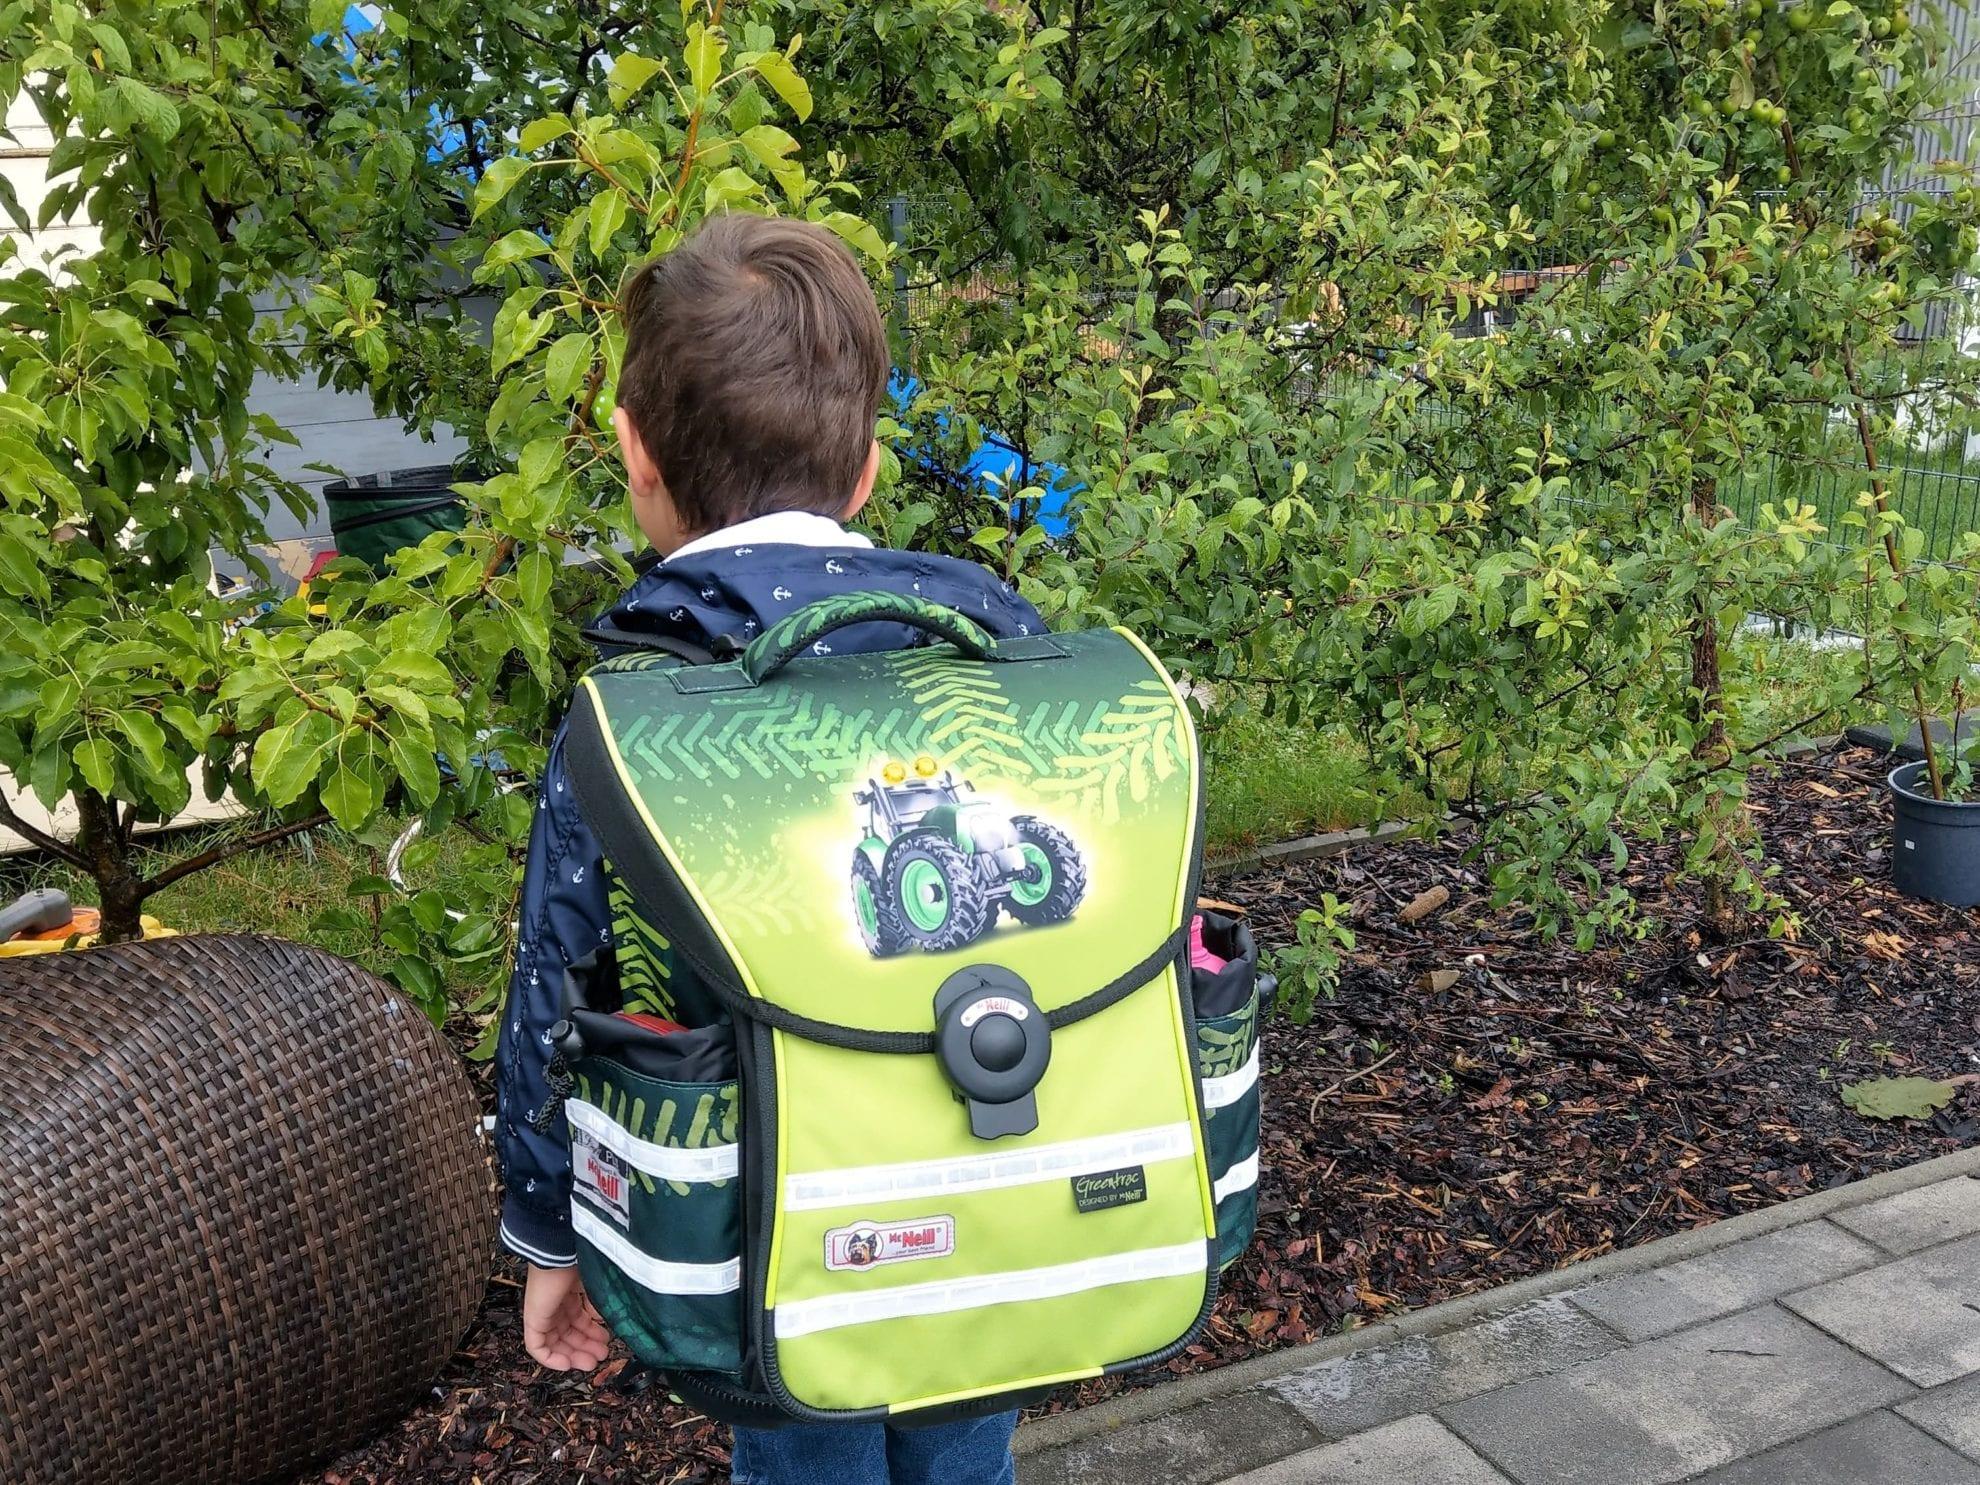 Letzter Kindergartentag, Schulkind, Schulranzen, Traktor